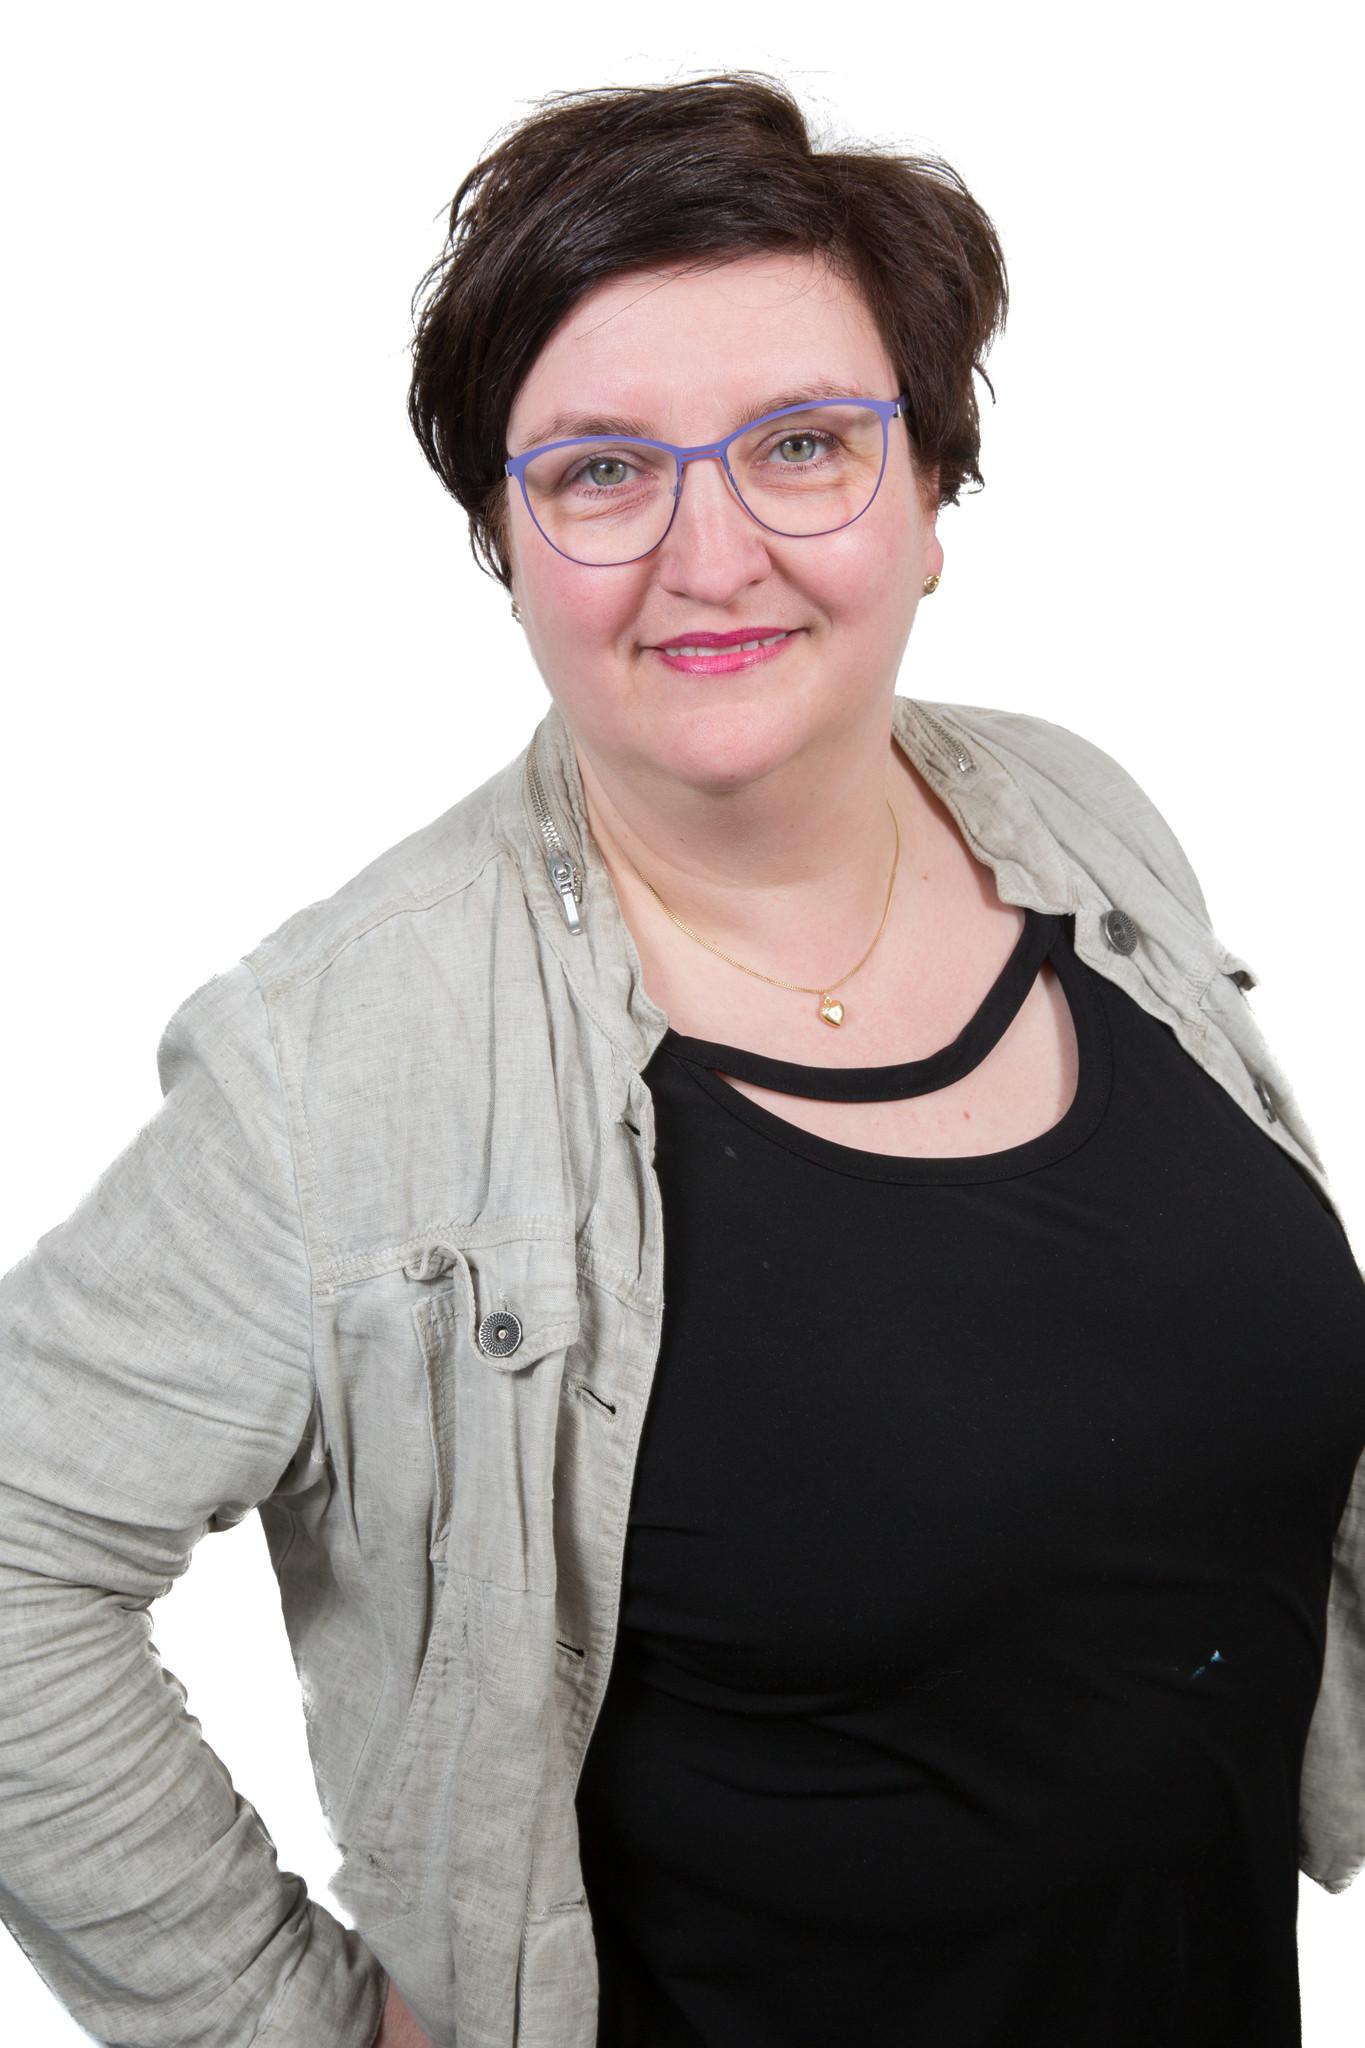 Ineke Swart-den Boer